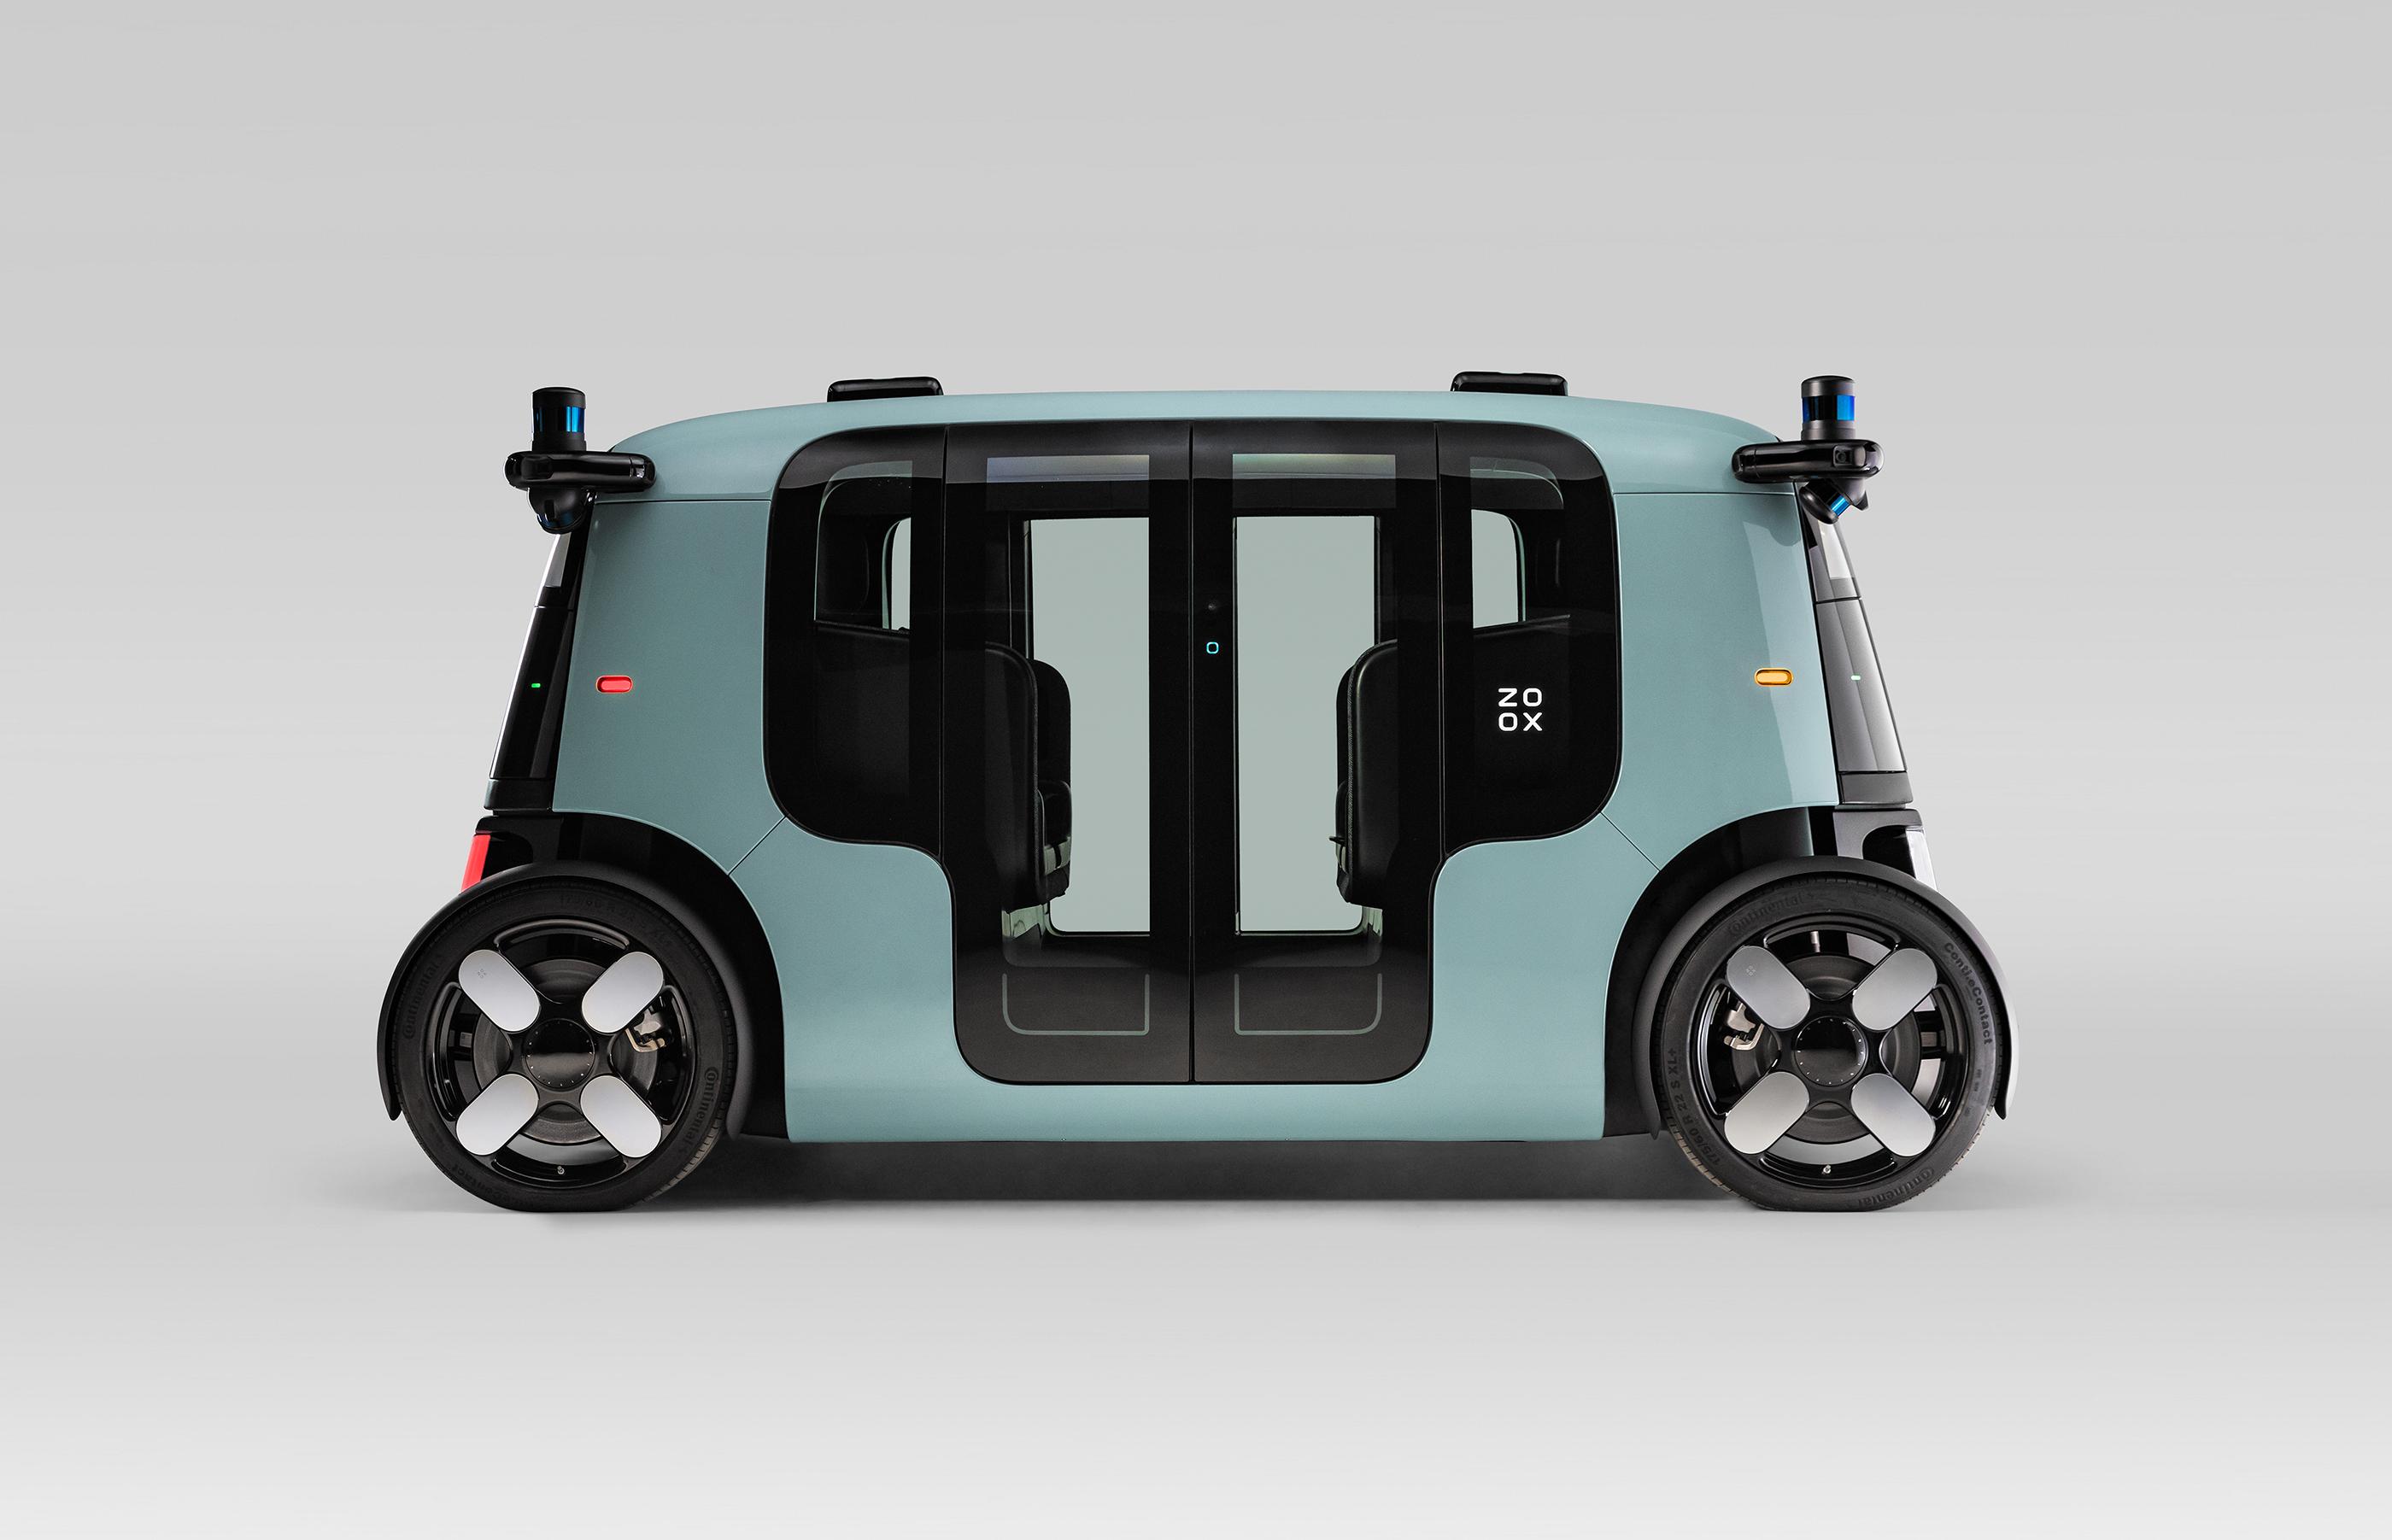 ZF apresenta suas tecnologias inovadoras no robô-táxi da Zoox